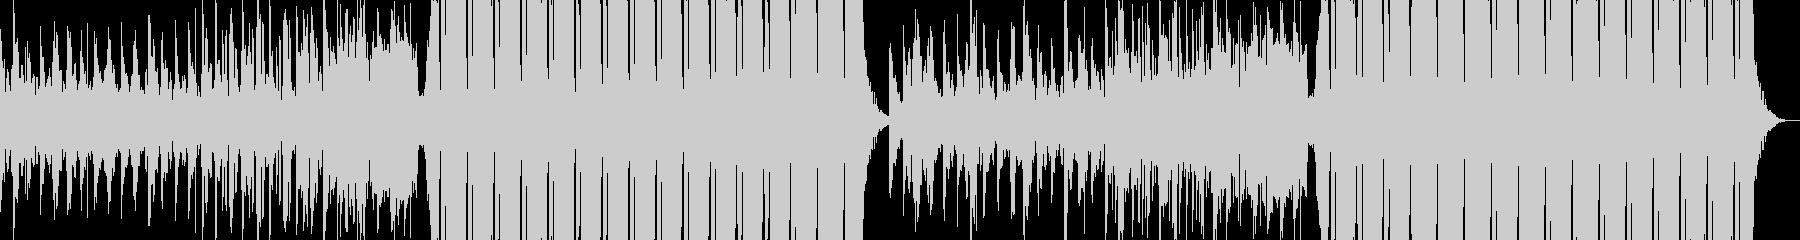 エモーショナルなFuture Bassの未再生の波形